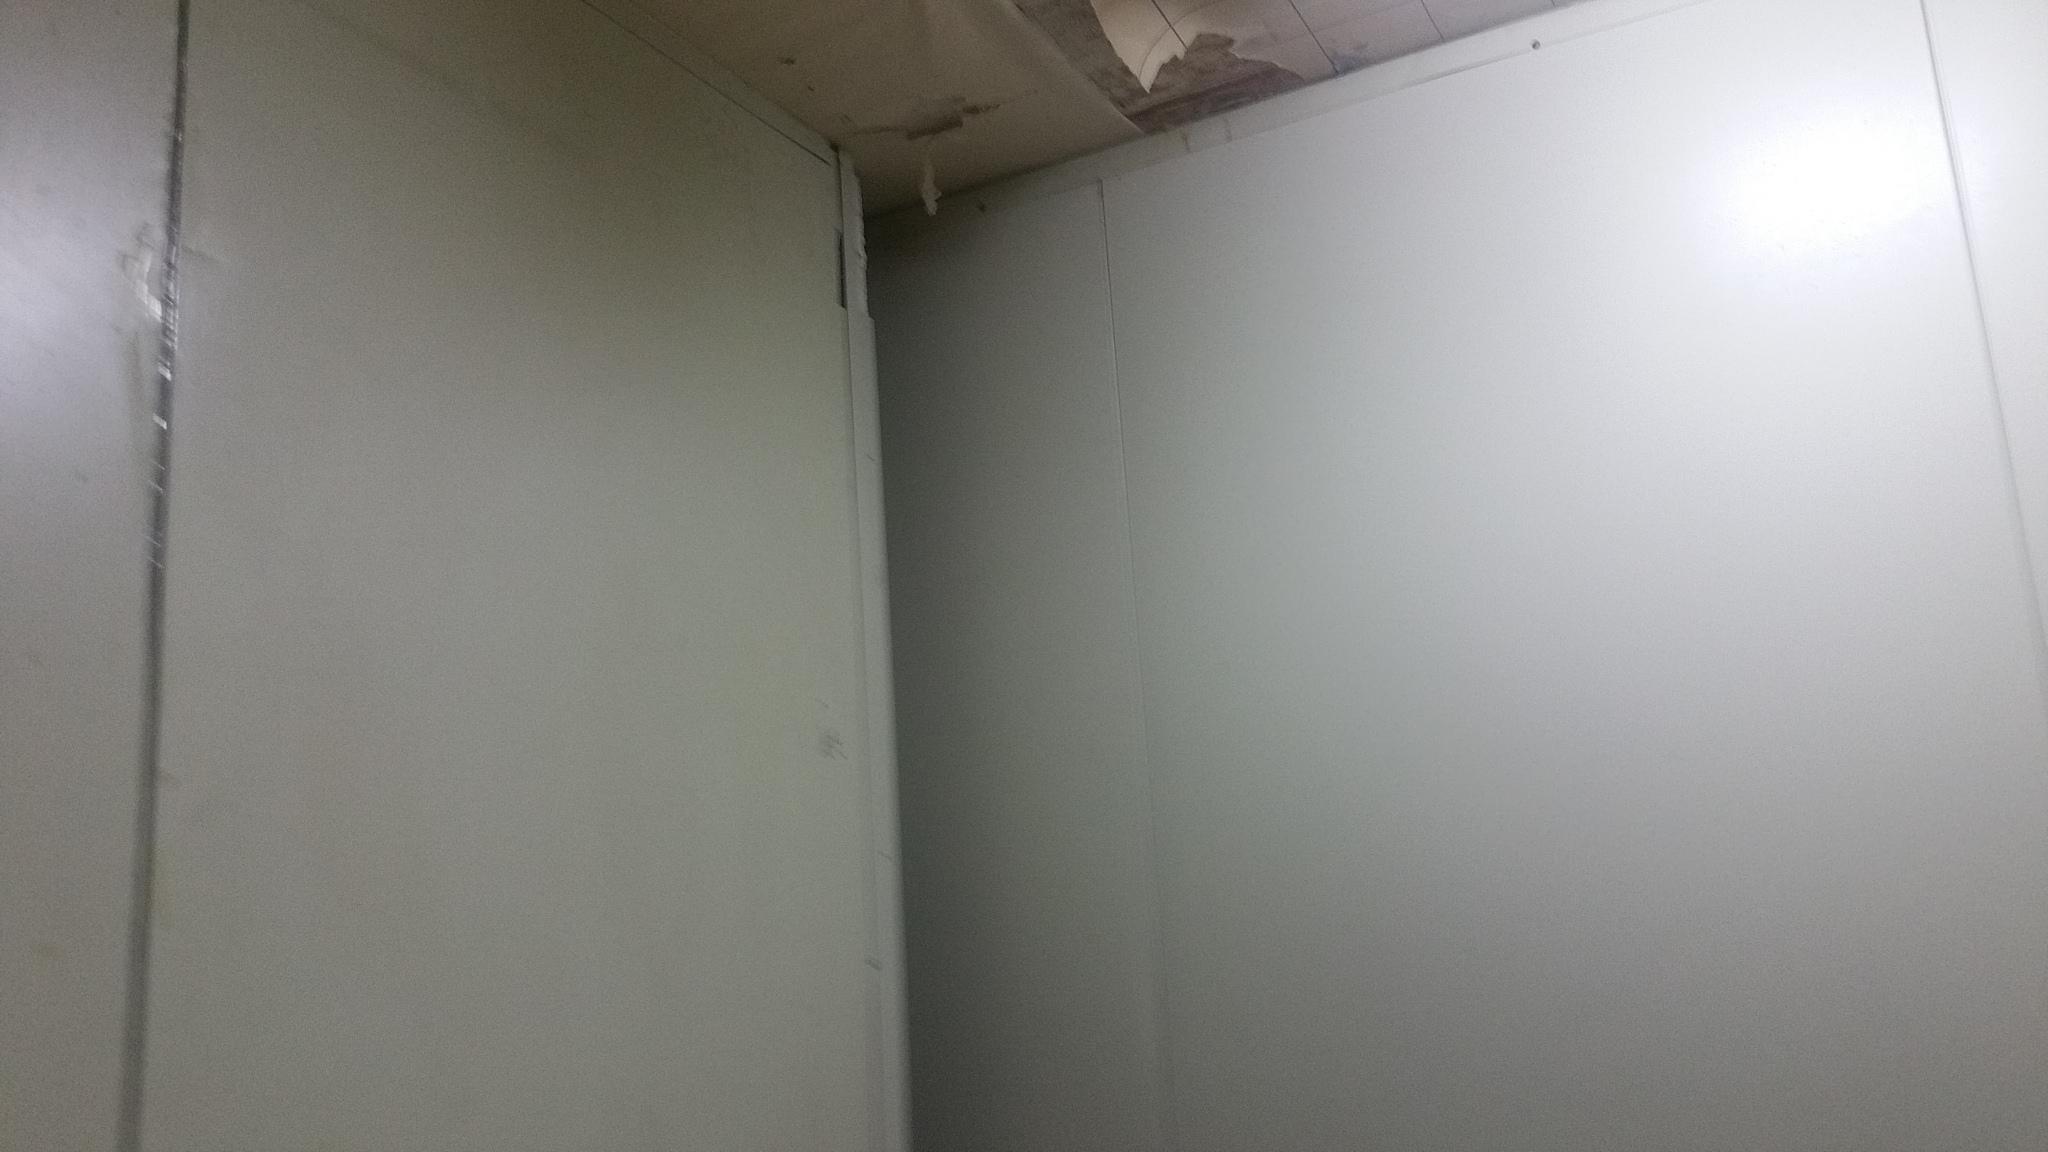 5 번째 사진 근린생활시설 에  연면적536.20 ㎡ 경상북도 구미시 리모델링 공사에 관한 자재조사